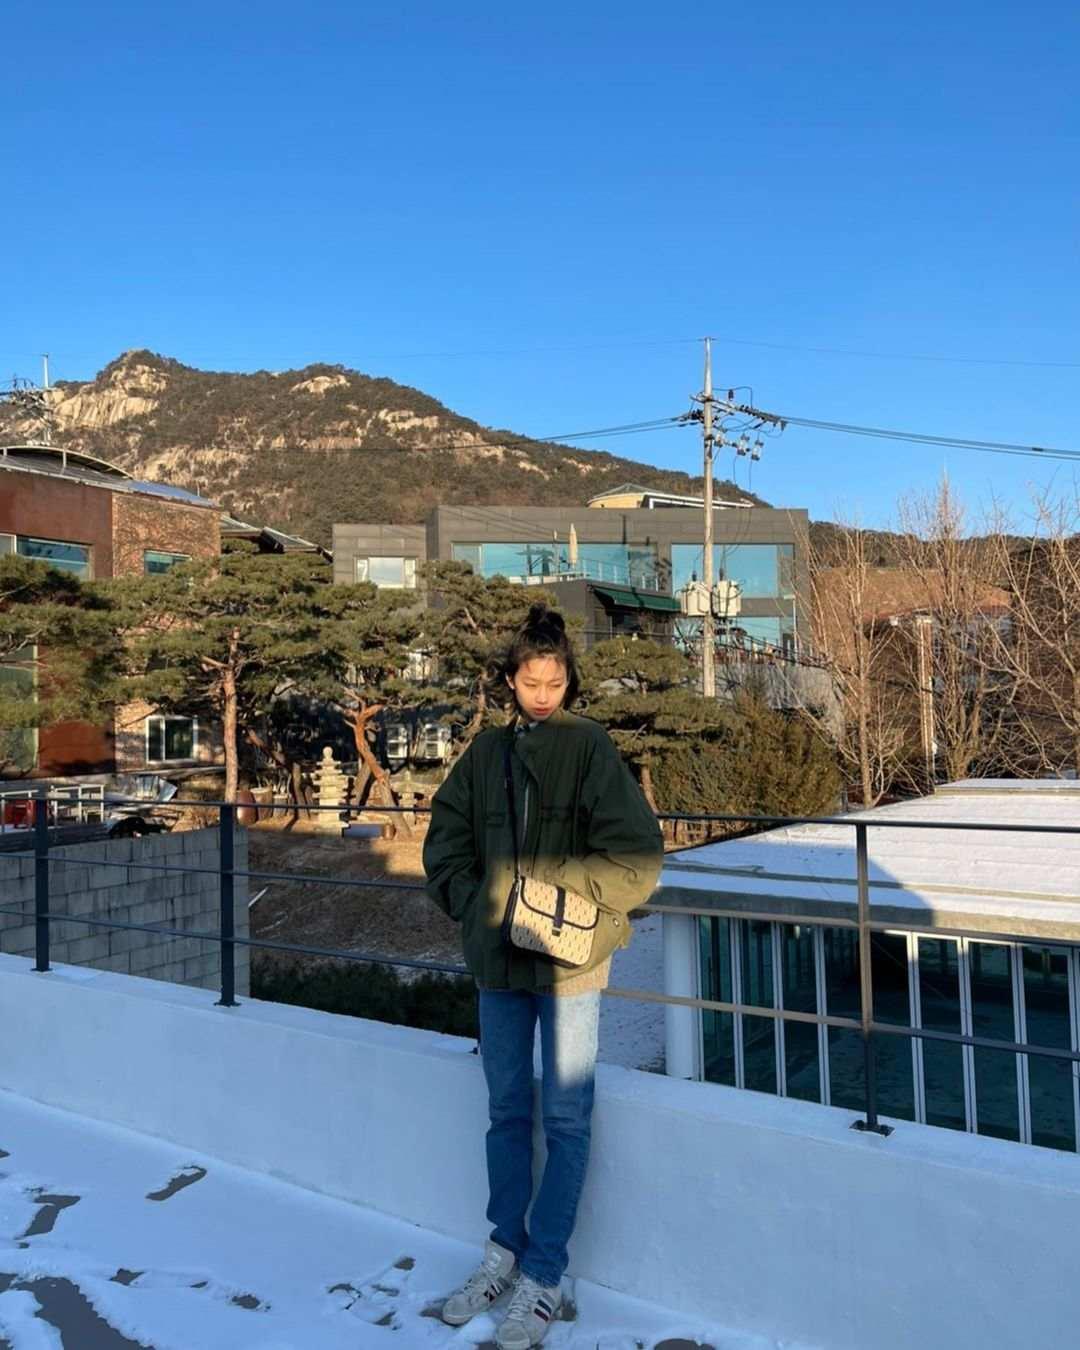 Cari Inspirasi Style Kasual dari Jung Ho Yeon 'Squid Game'